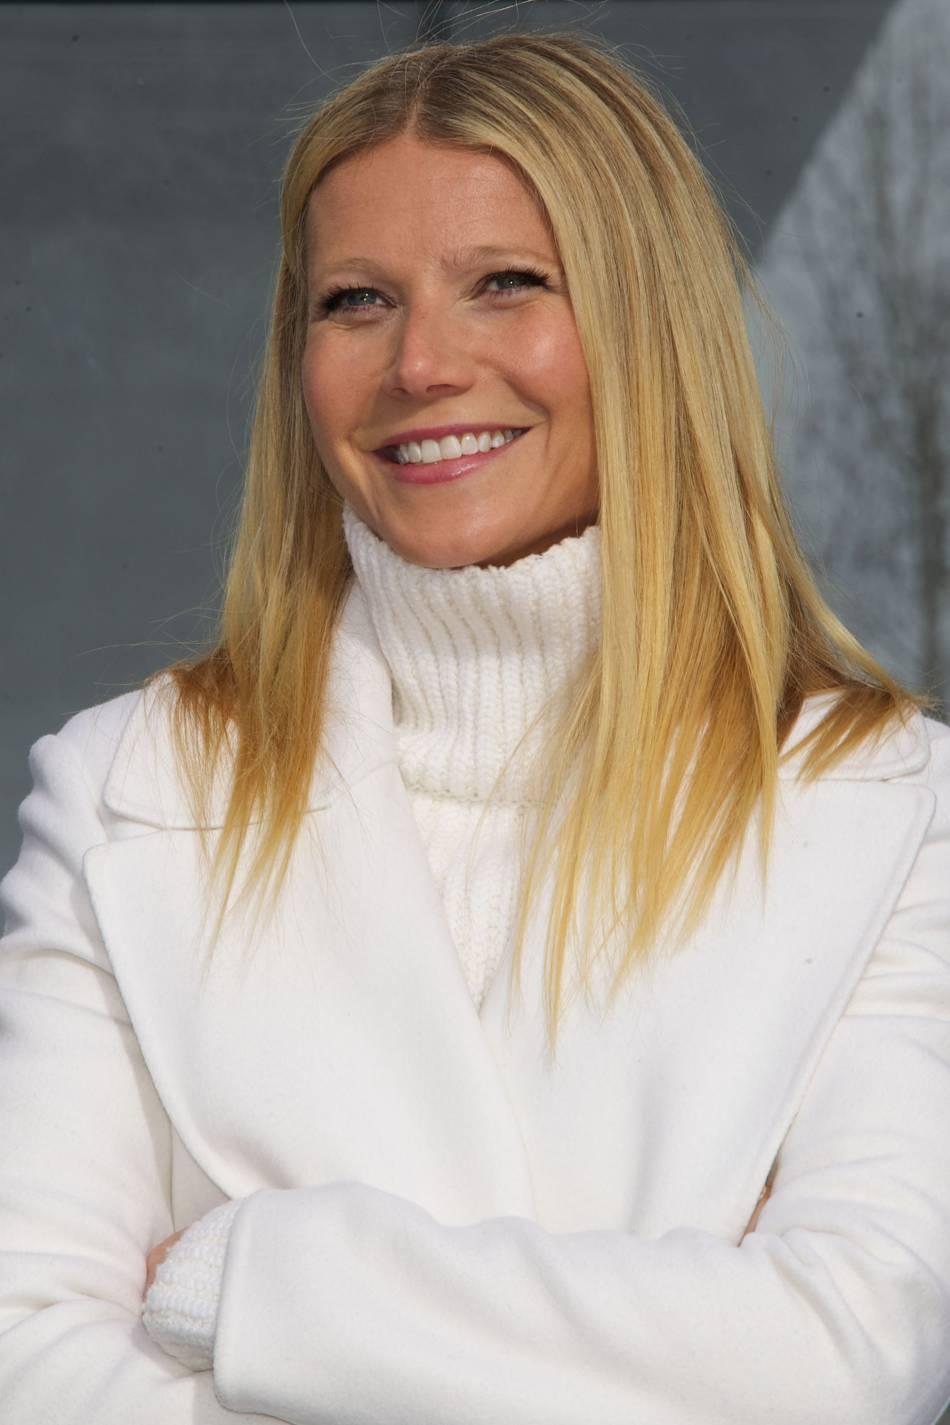 Gwyneth Paltrow, radieuse à souhait aux côtés de son enfant pour le Super Bowl.